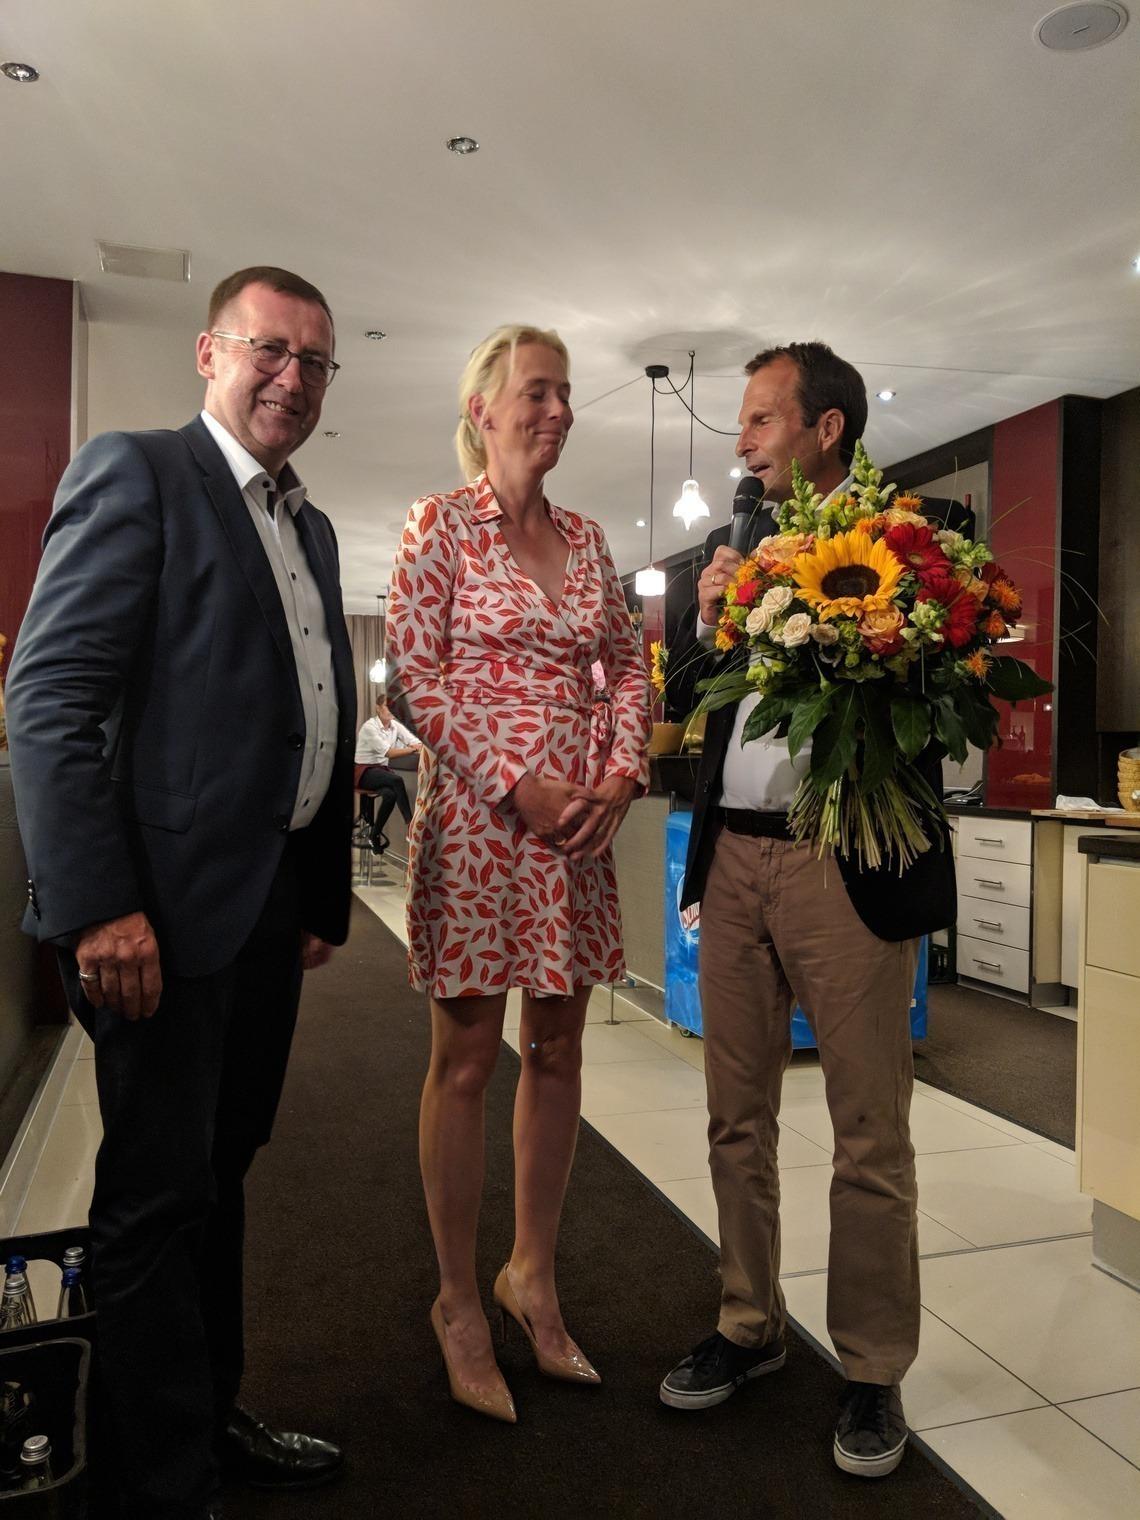 Mit einem Blumenstrauß geehrt wurde auch Frau Dr. Ines Fritz, Ehefrau von Herrn Dr. Martin Fritz, Vorsitzender des Vorstands der Fürst Fugger Privatbank, dem Turnier-Titelsponsor und großzügigen Business Partner des Golfclubs München Eichenried.